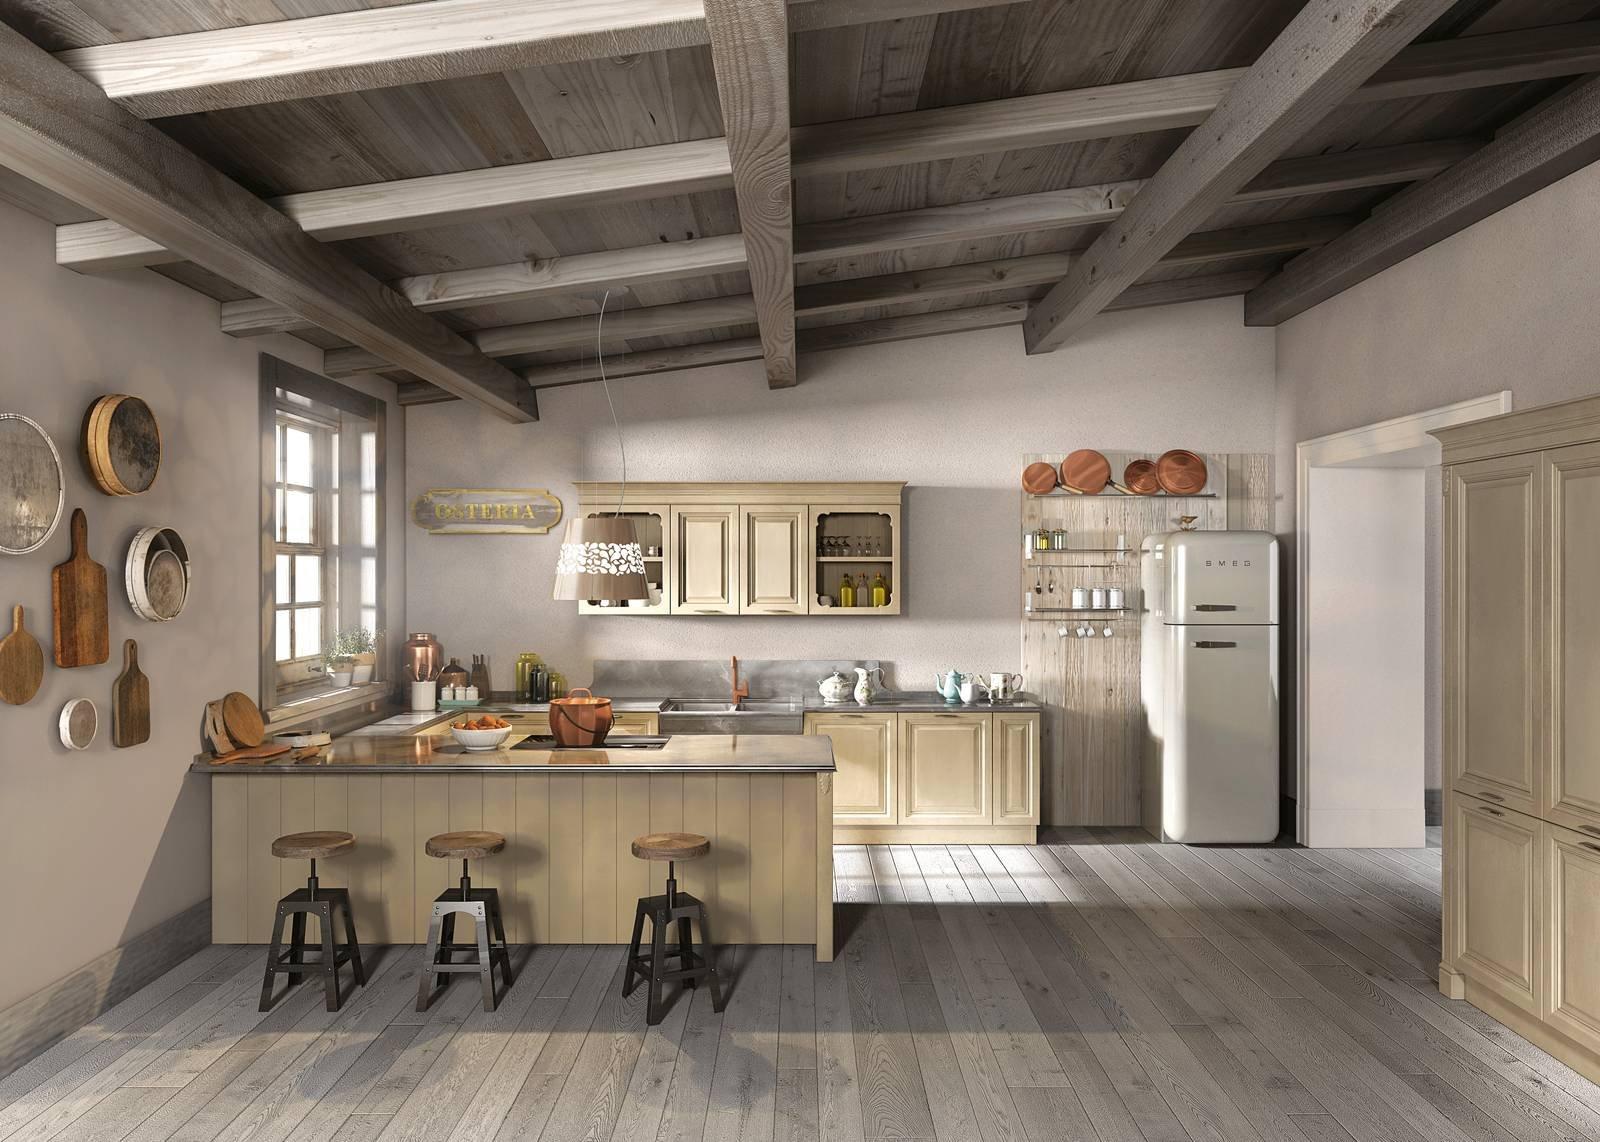 Cucine Berloni cucine berloni classiche : Cucina in stile country. Anche in versione attuale - Cose di Casa